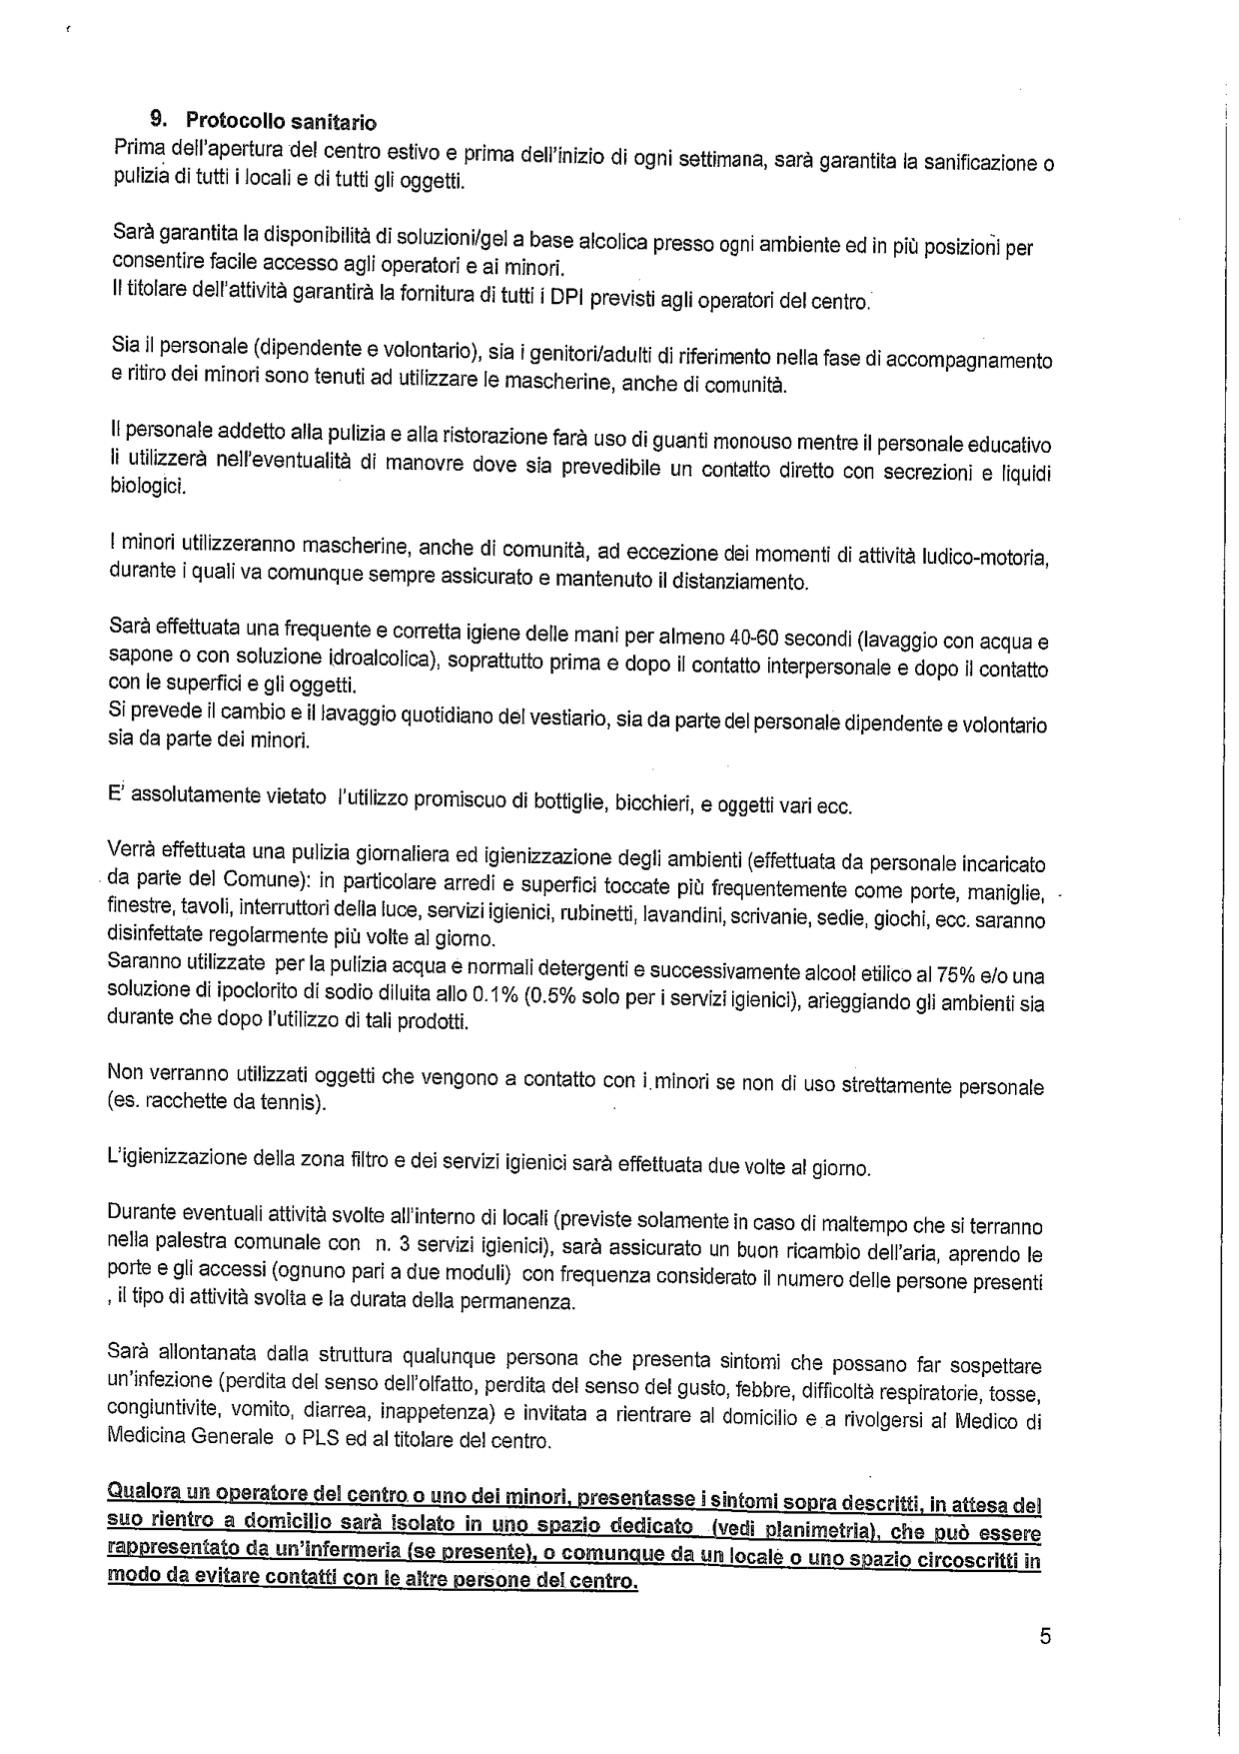 5progetto-organizzativo-definitivo-summer-2020-pdf